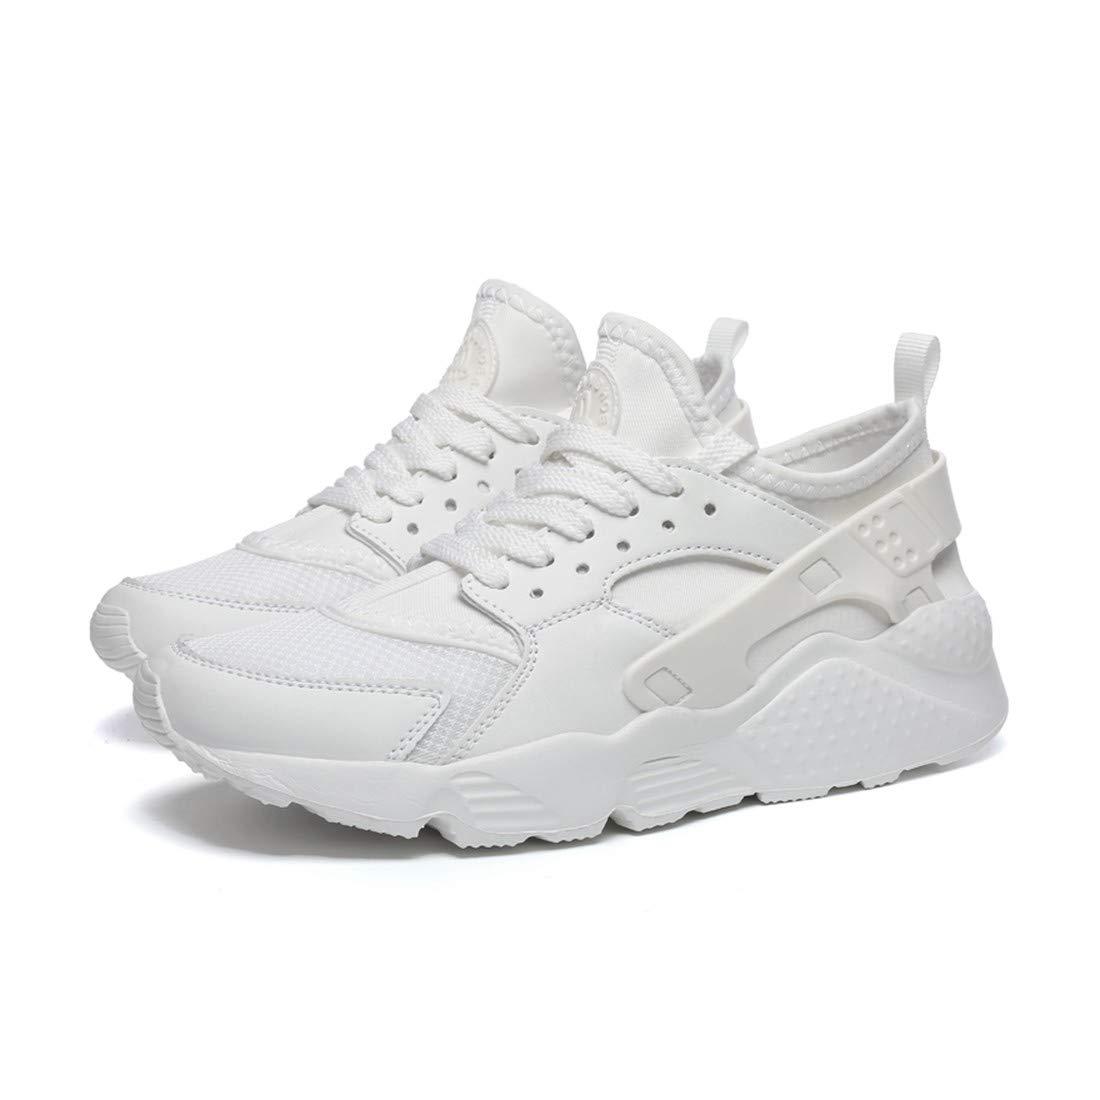 YAYADI Zapatos para Hombres Zapatillas De Deporte Popular De Primavera Y Verano Moda Hombre Calzado Casual Transpirable Sneakers Macho Adulto Antiresbaladiza Calzado Cómodo Gimnasio Jogging: Amazon.es: Deportes y aire libre